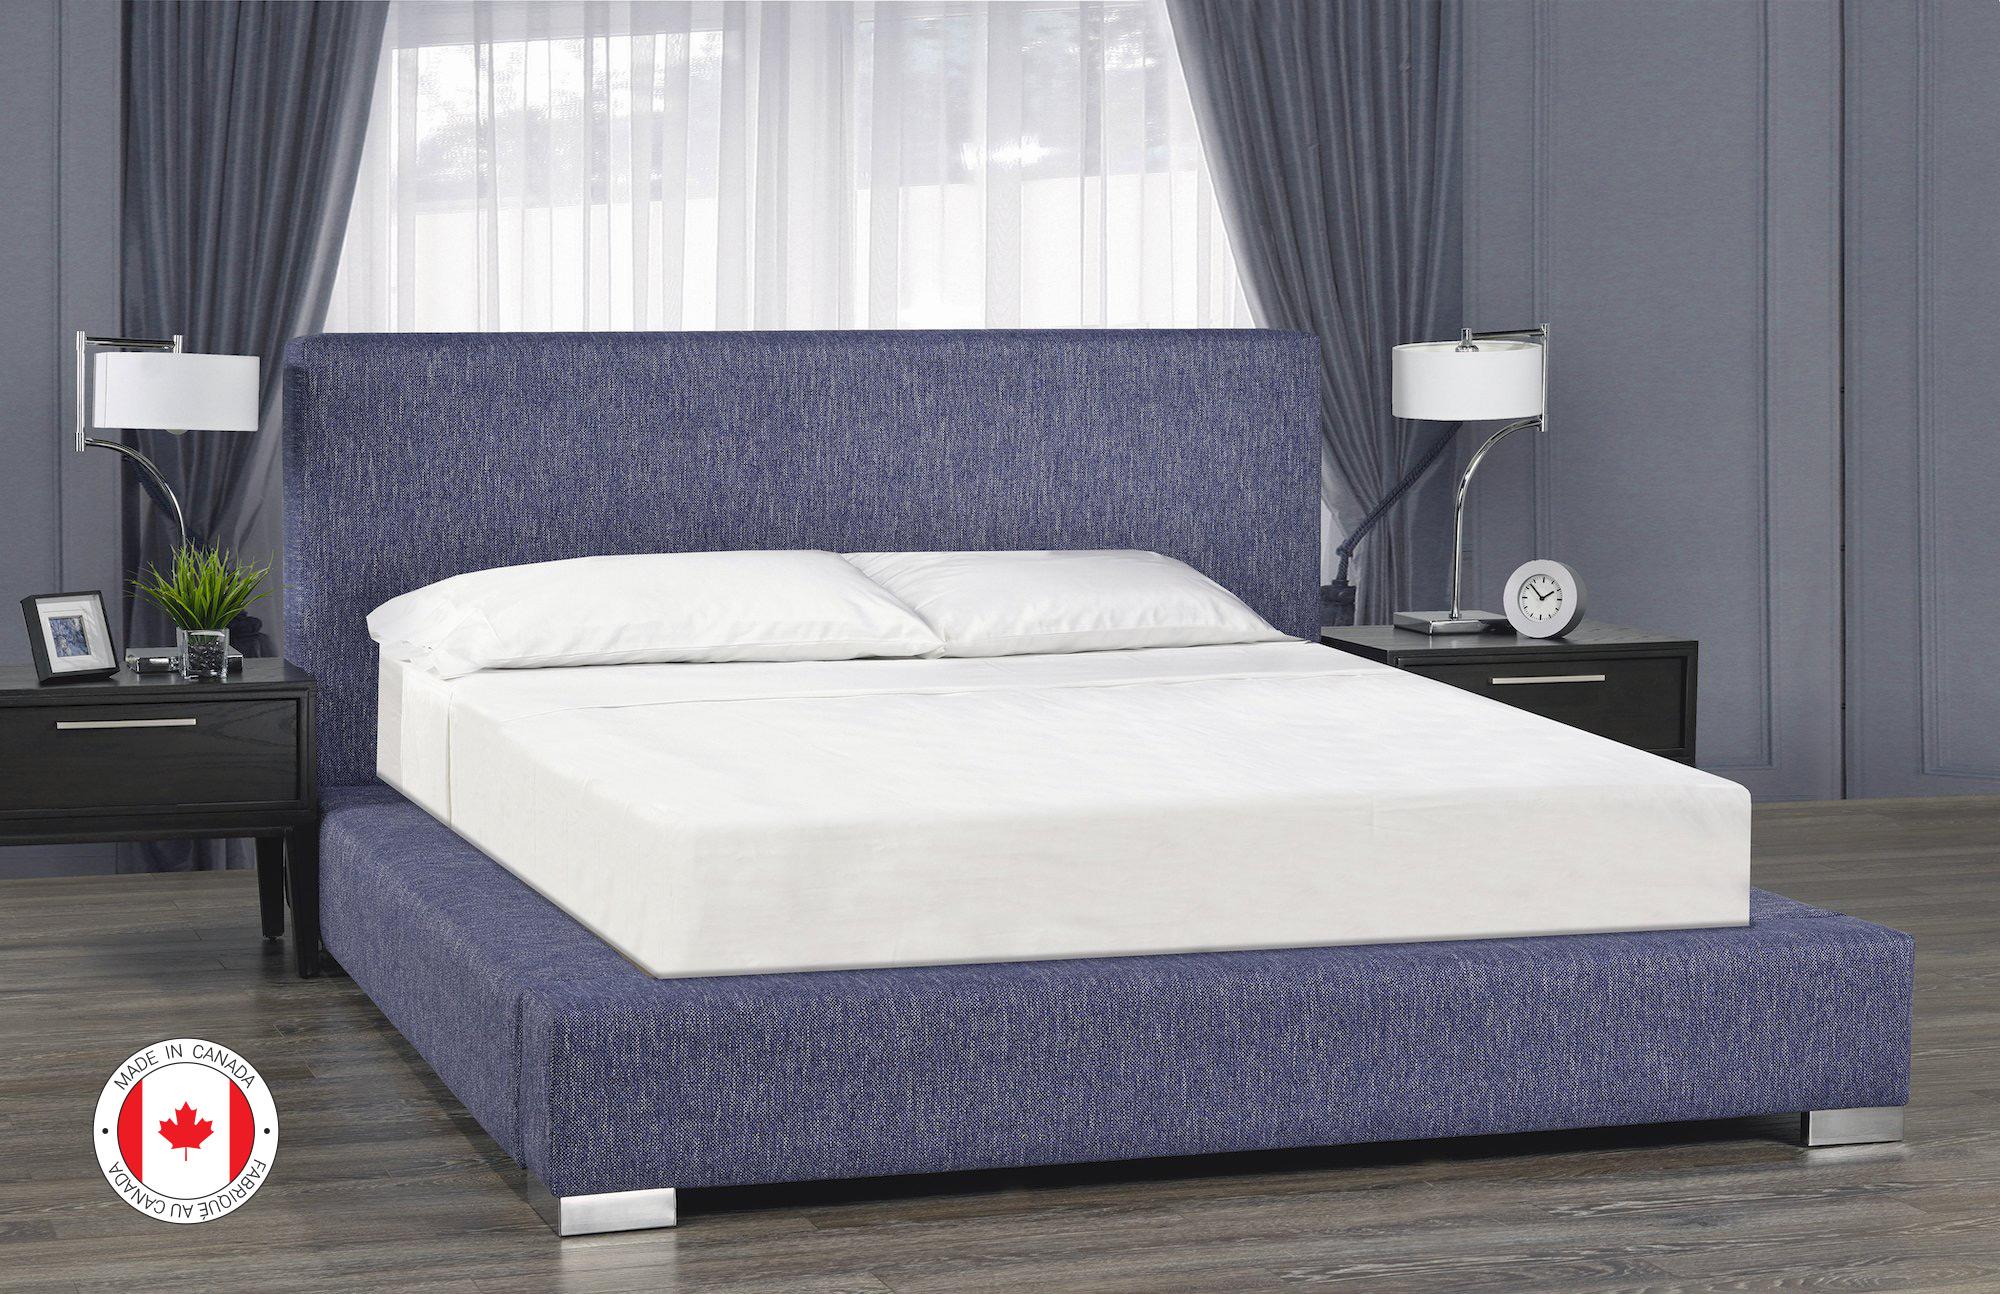 Jasper Platform Bed, Queen Size - Blue Linen